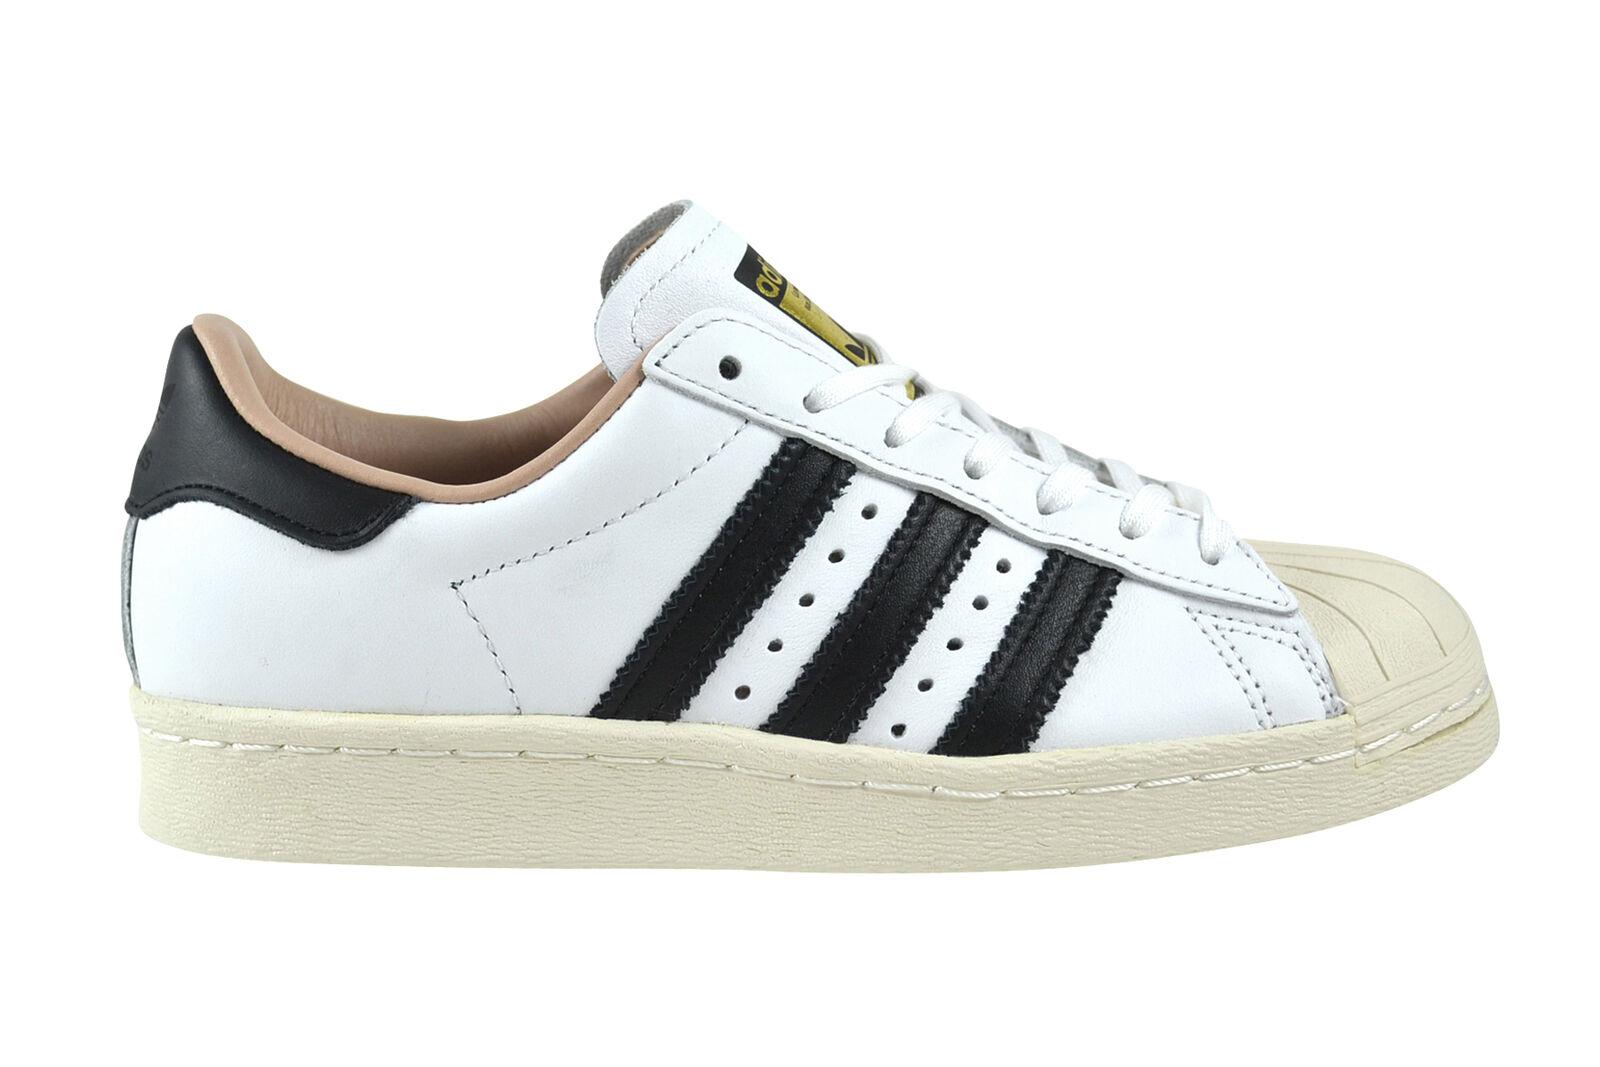 33cca1ea7db2 discount code for adidas superstar 80s damens schuhe wei schwarz sneaker  schuhe damens weiß by2957 d3d82d